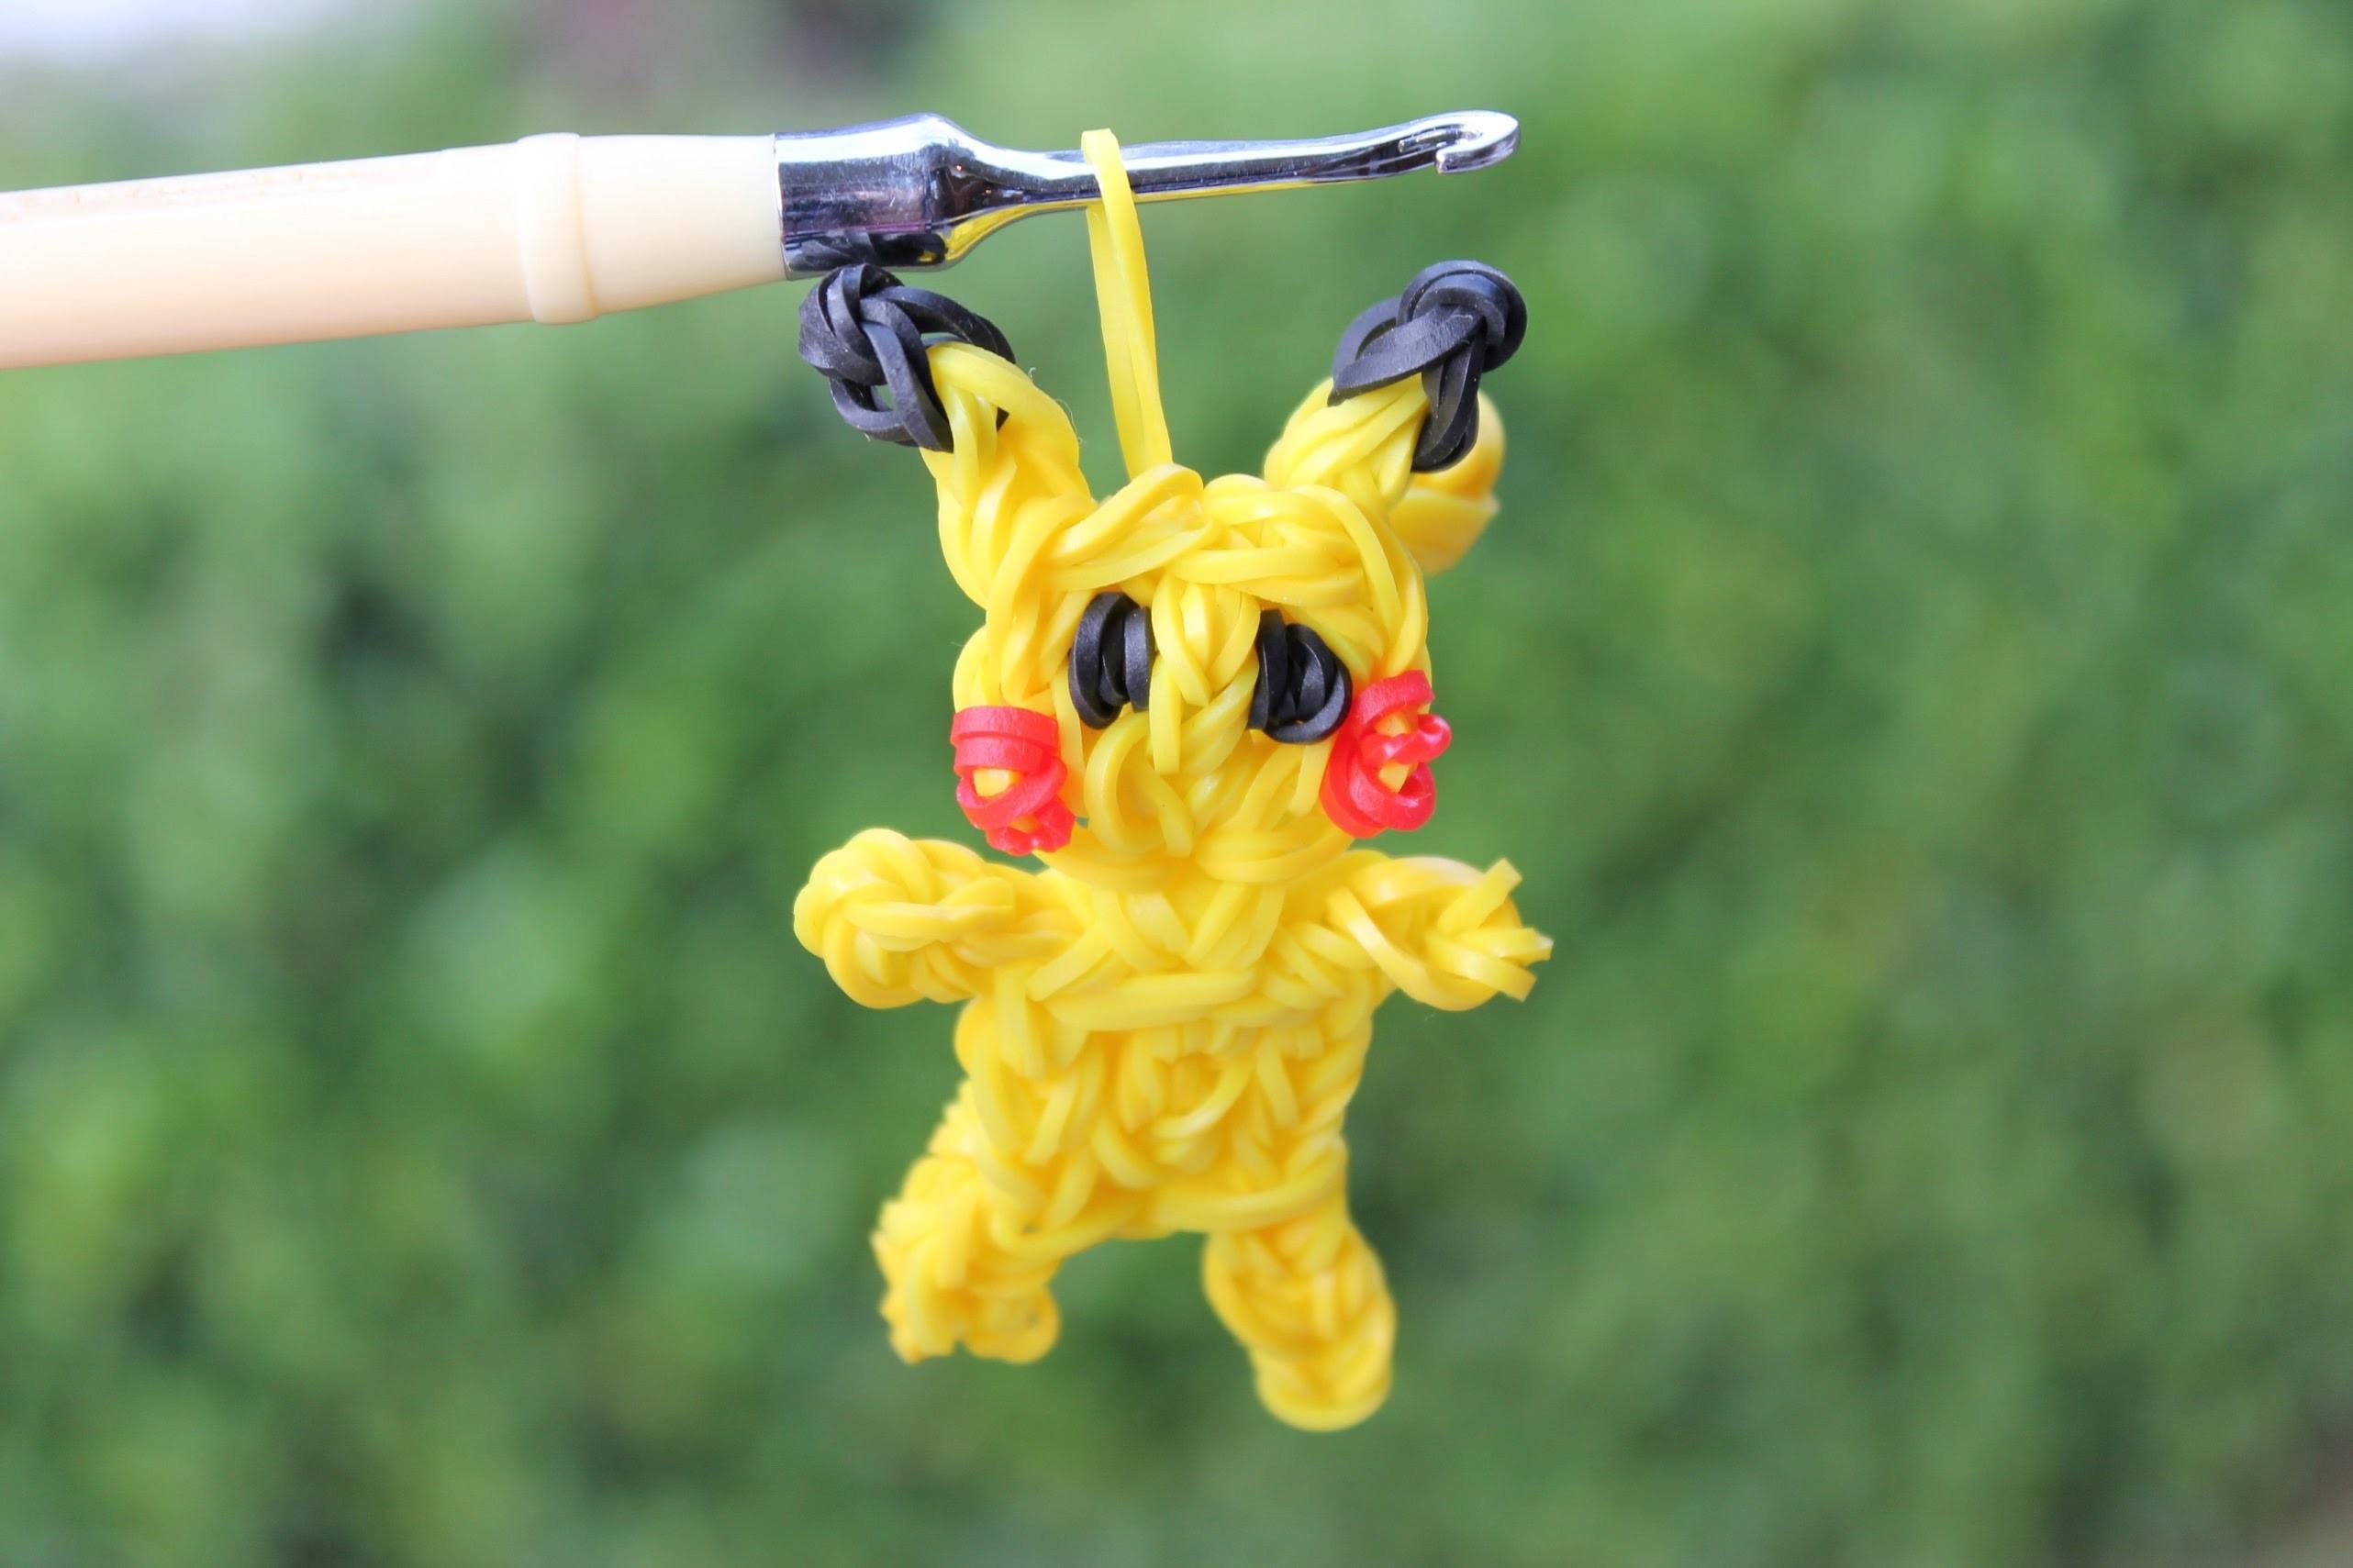 Rainbow Loom Nederlands, Pikachu